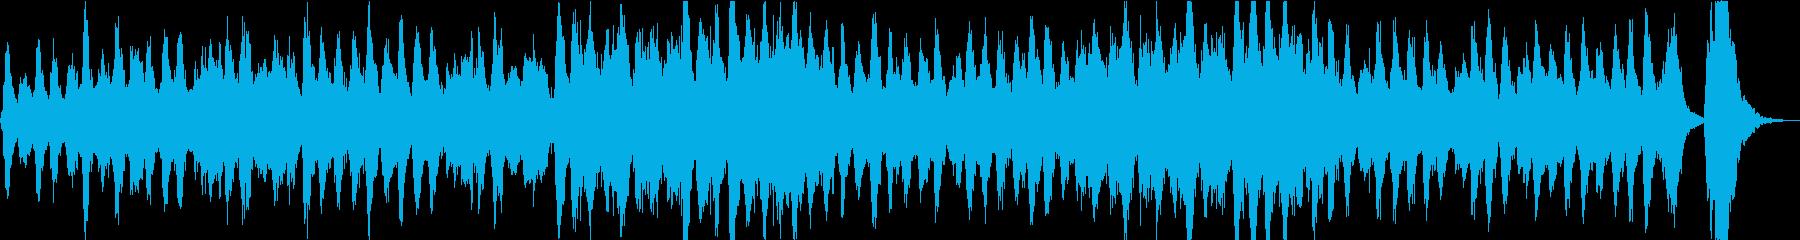 クラシック 弦楽四重奏でのアラベスクの再生済みの波形